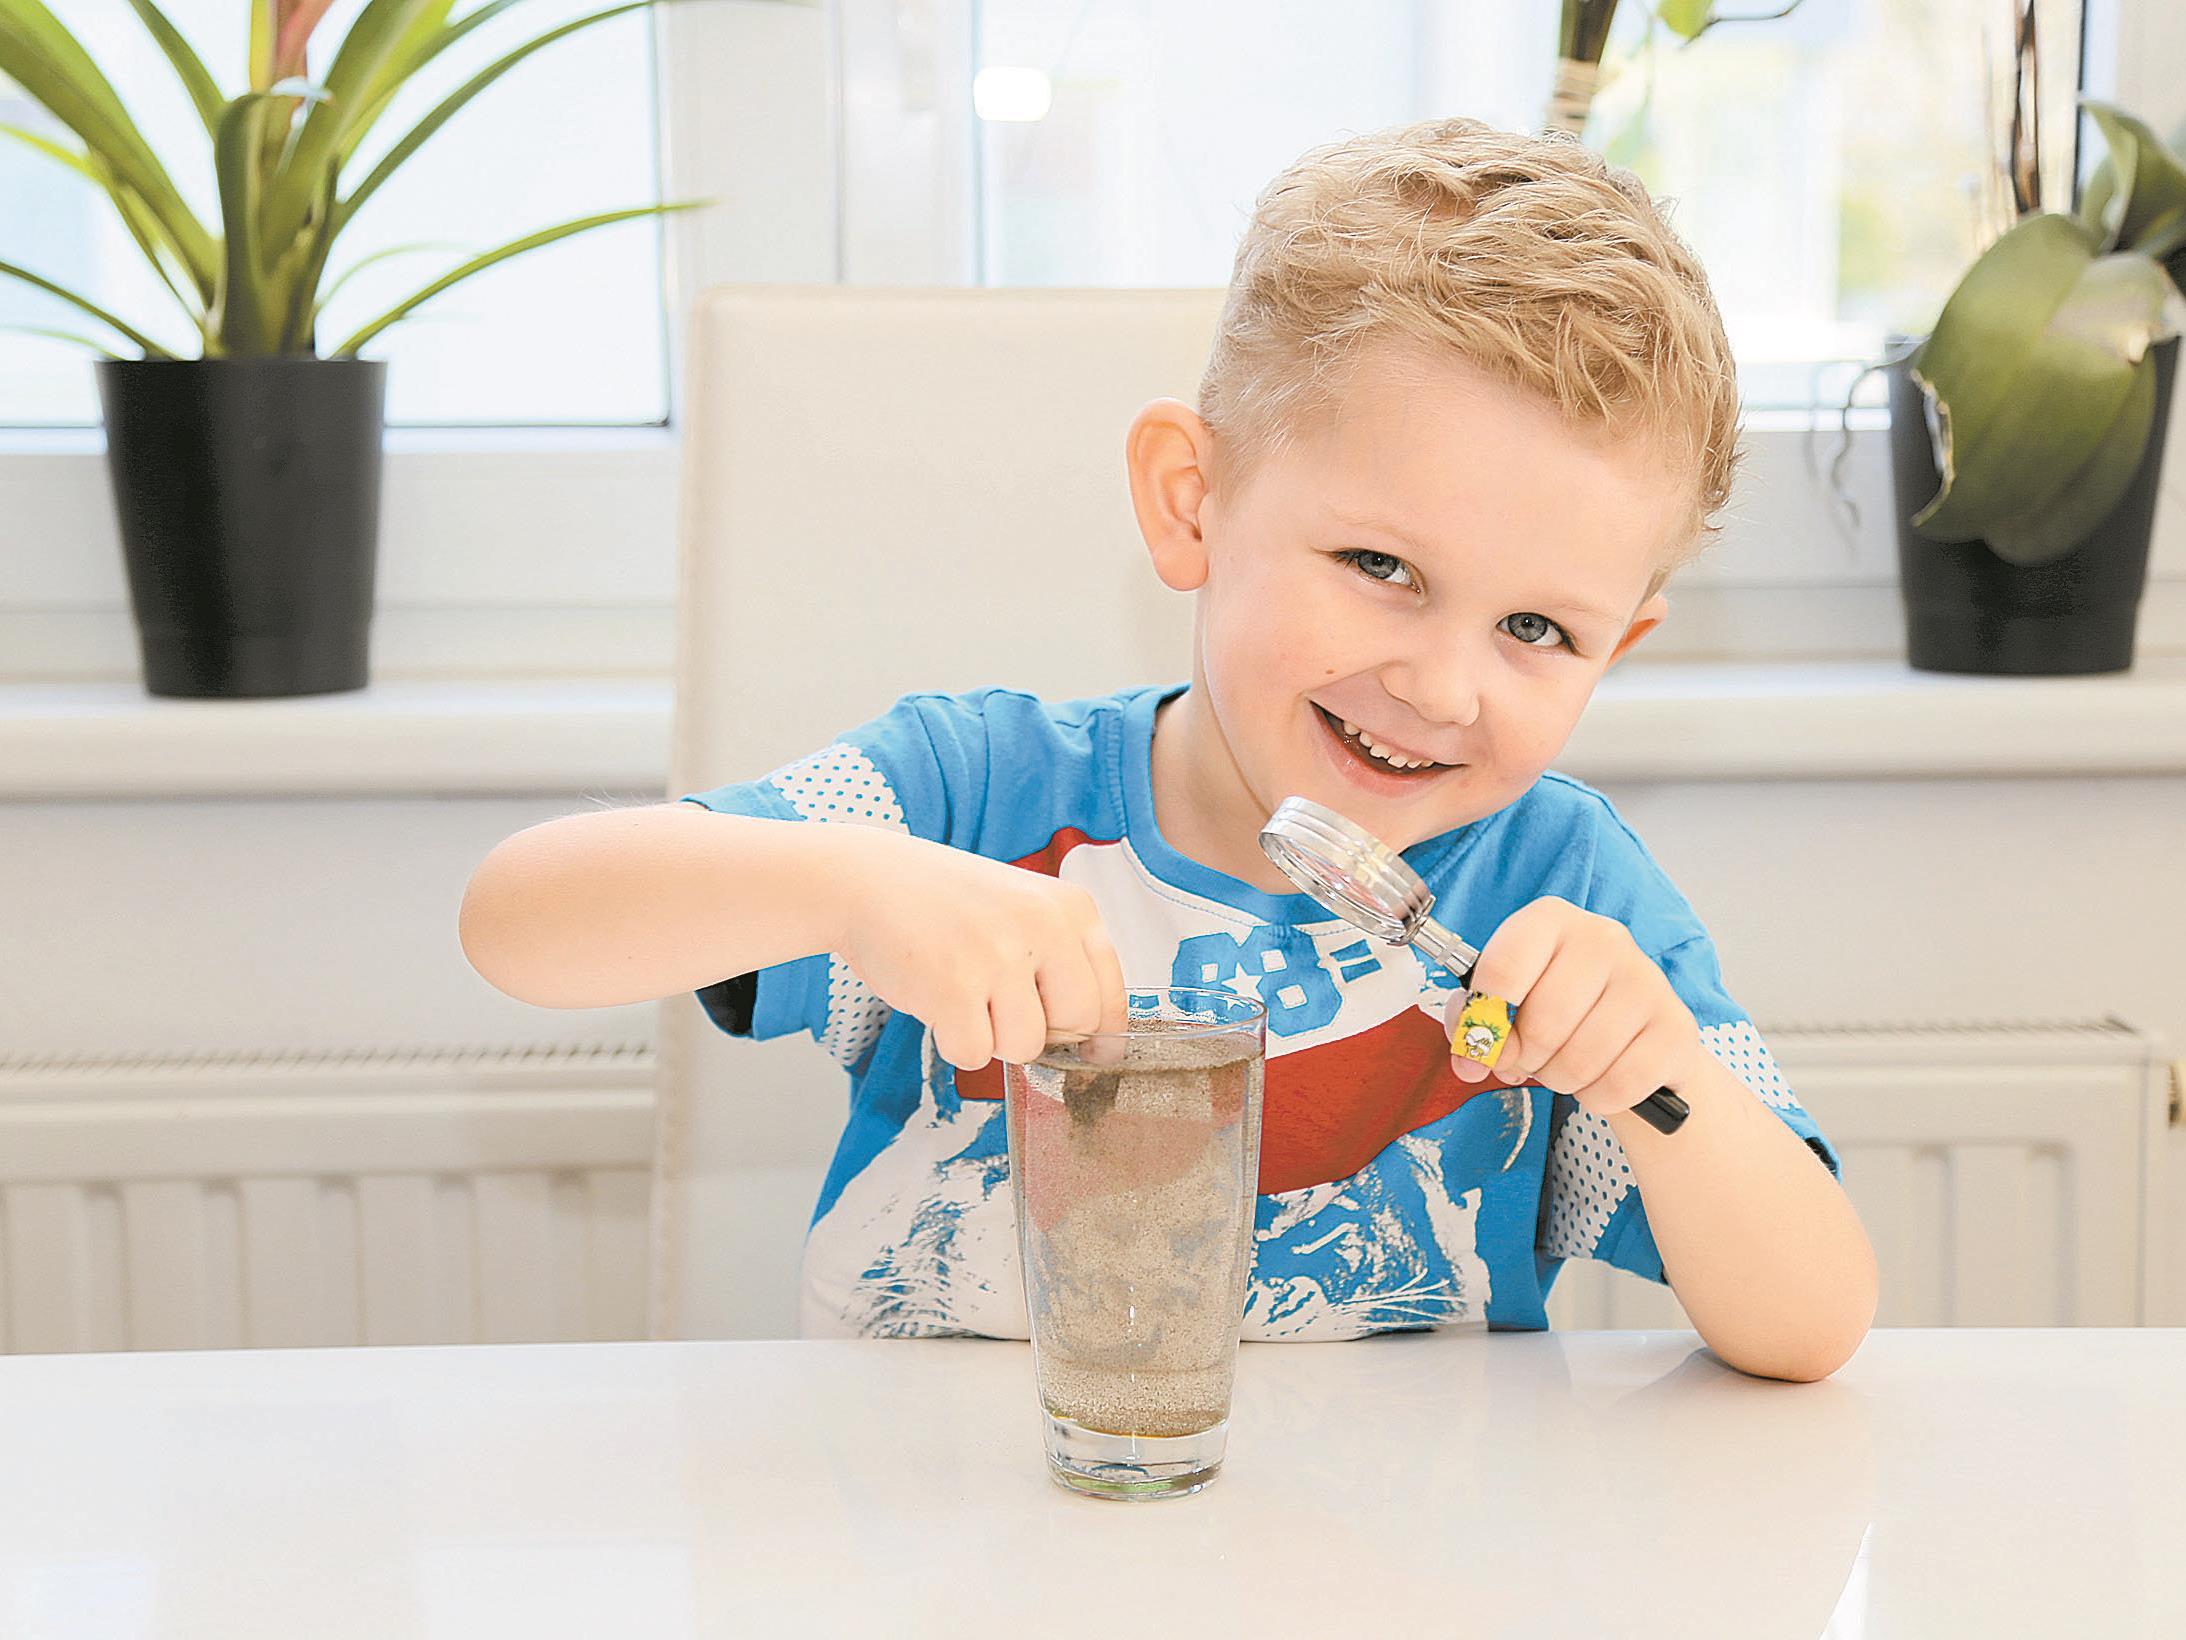 Jason Durell experimentiert heute mit den Eigenschaften von flüssigem Wasser.